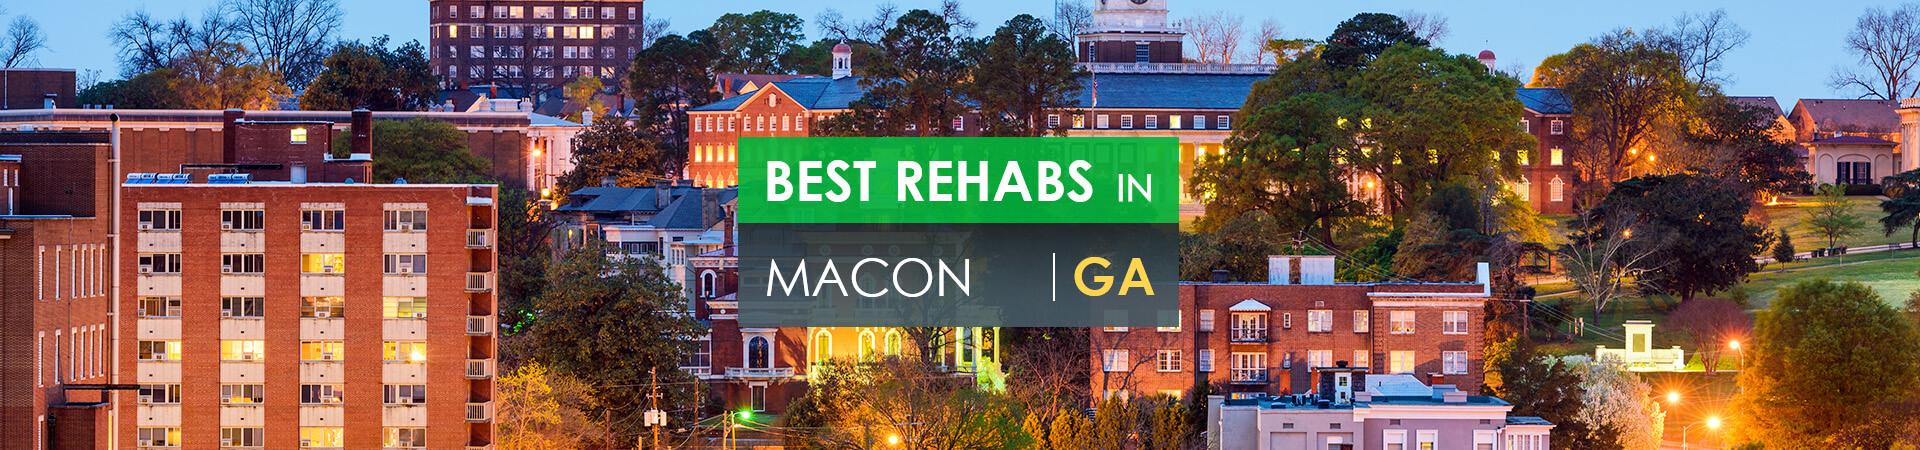 Best rehabs in Macon, GA